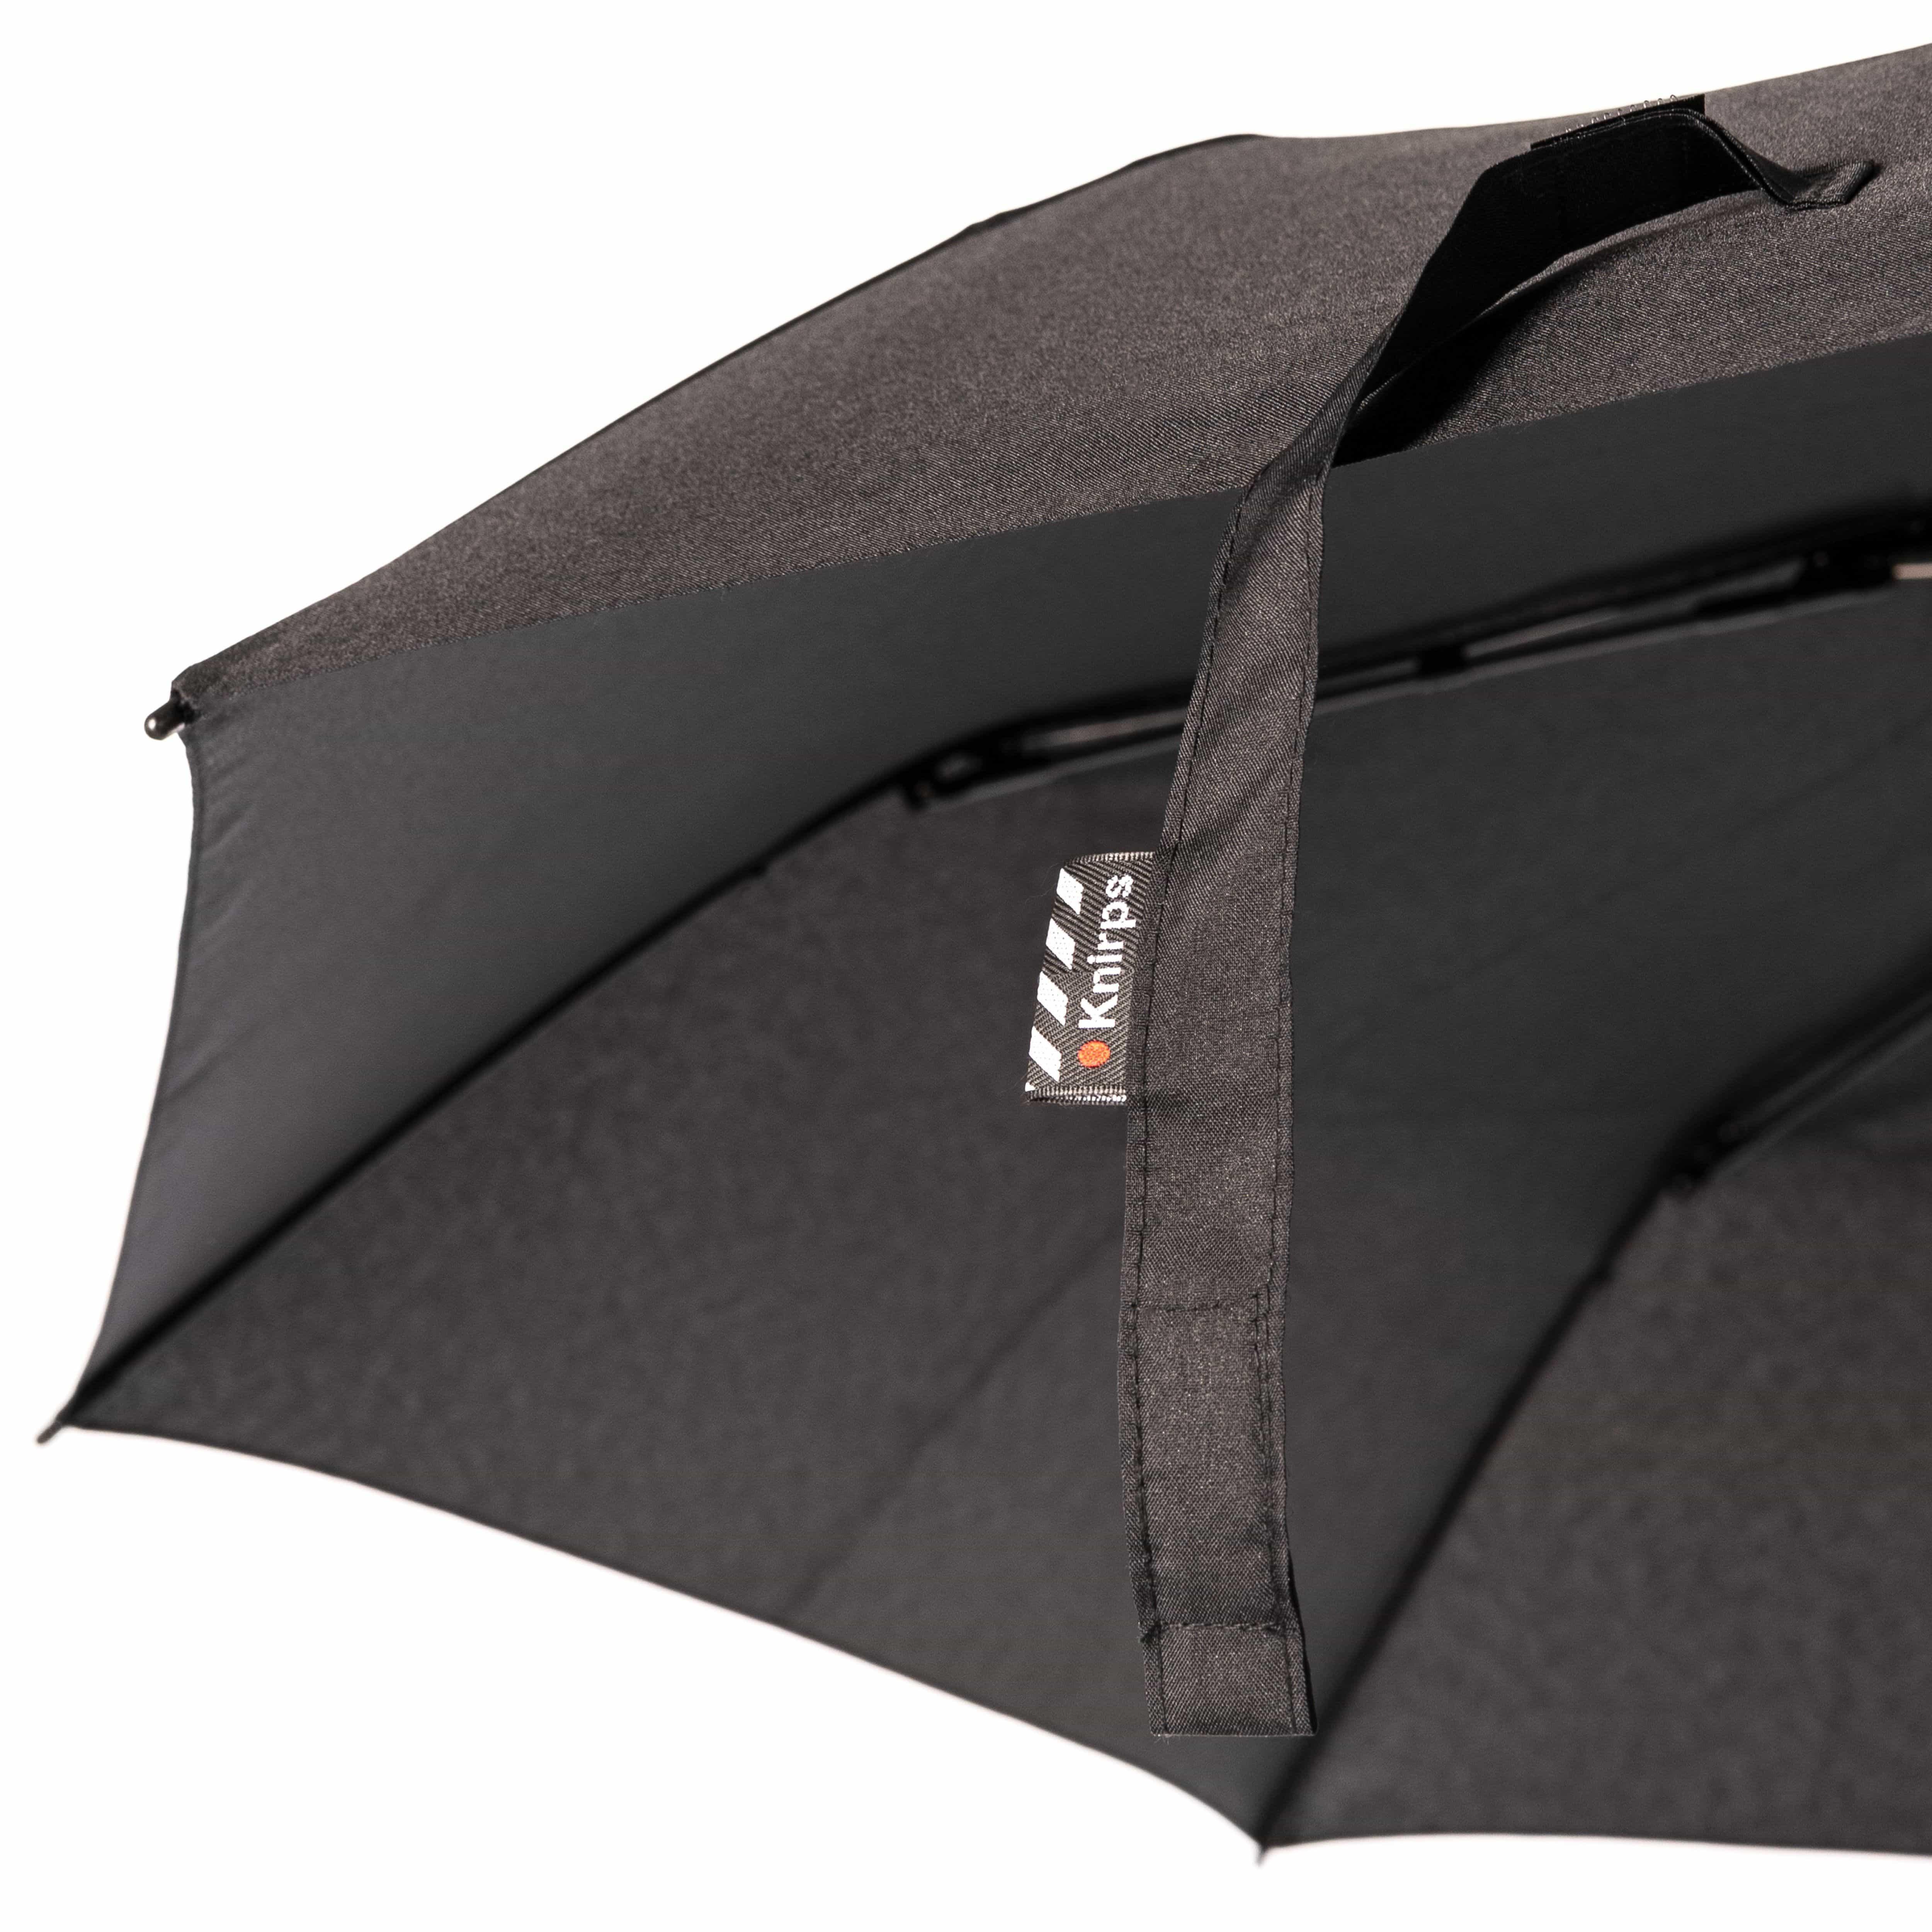 Knirps Umbrella A.050 medium manual - foto 5